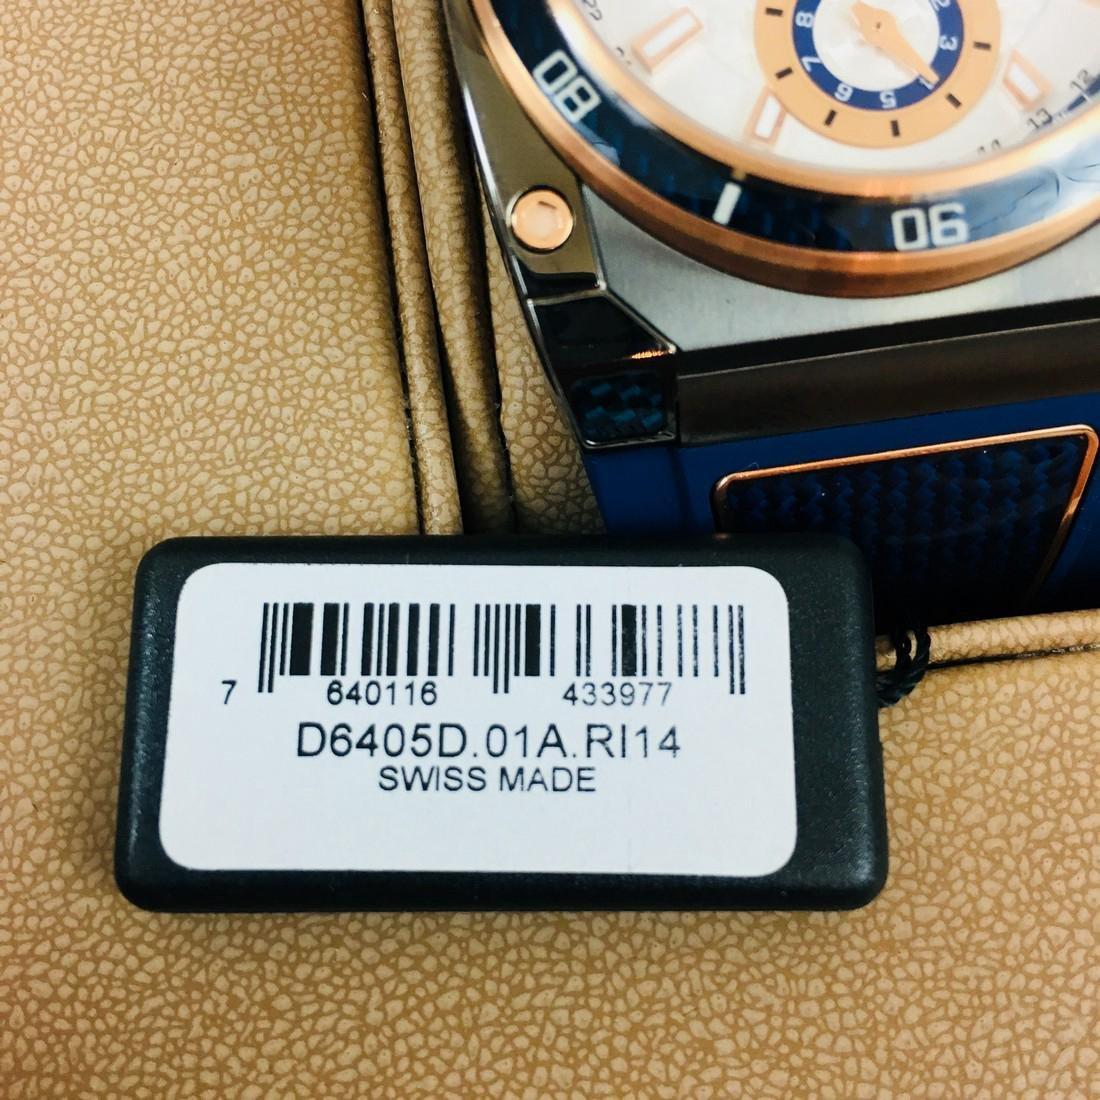 Savoy Titanium Carbon Swiss Made Luxury Watch - 8